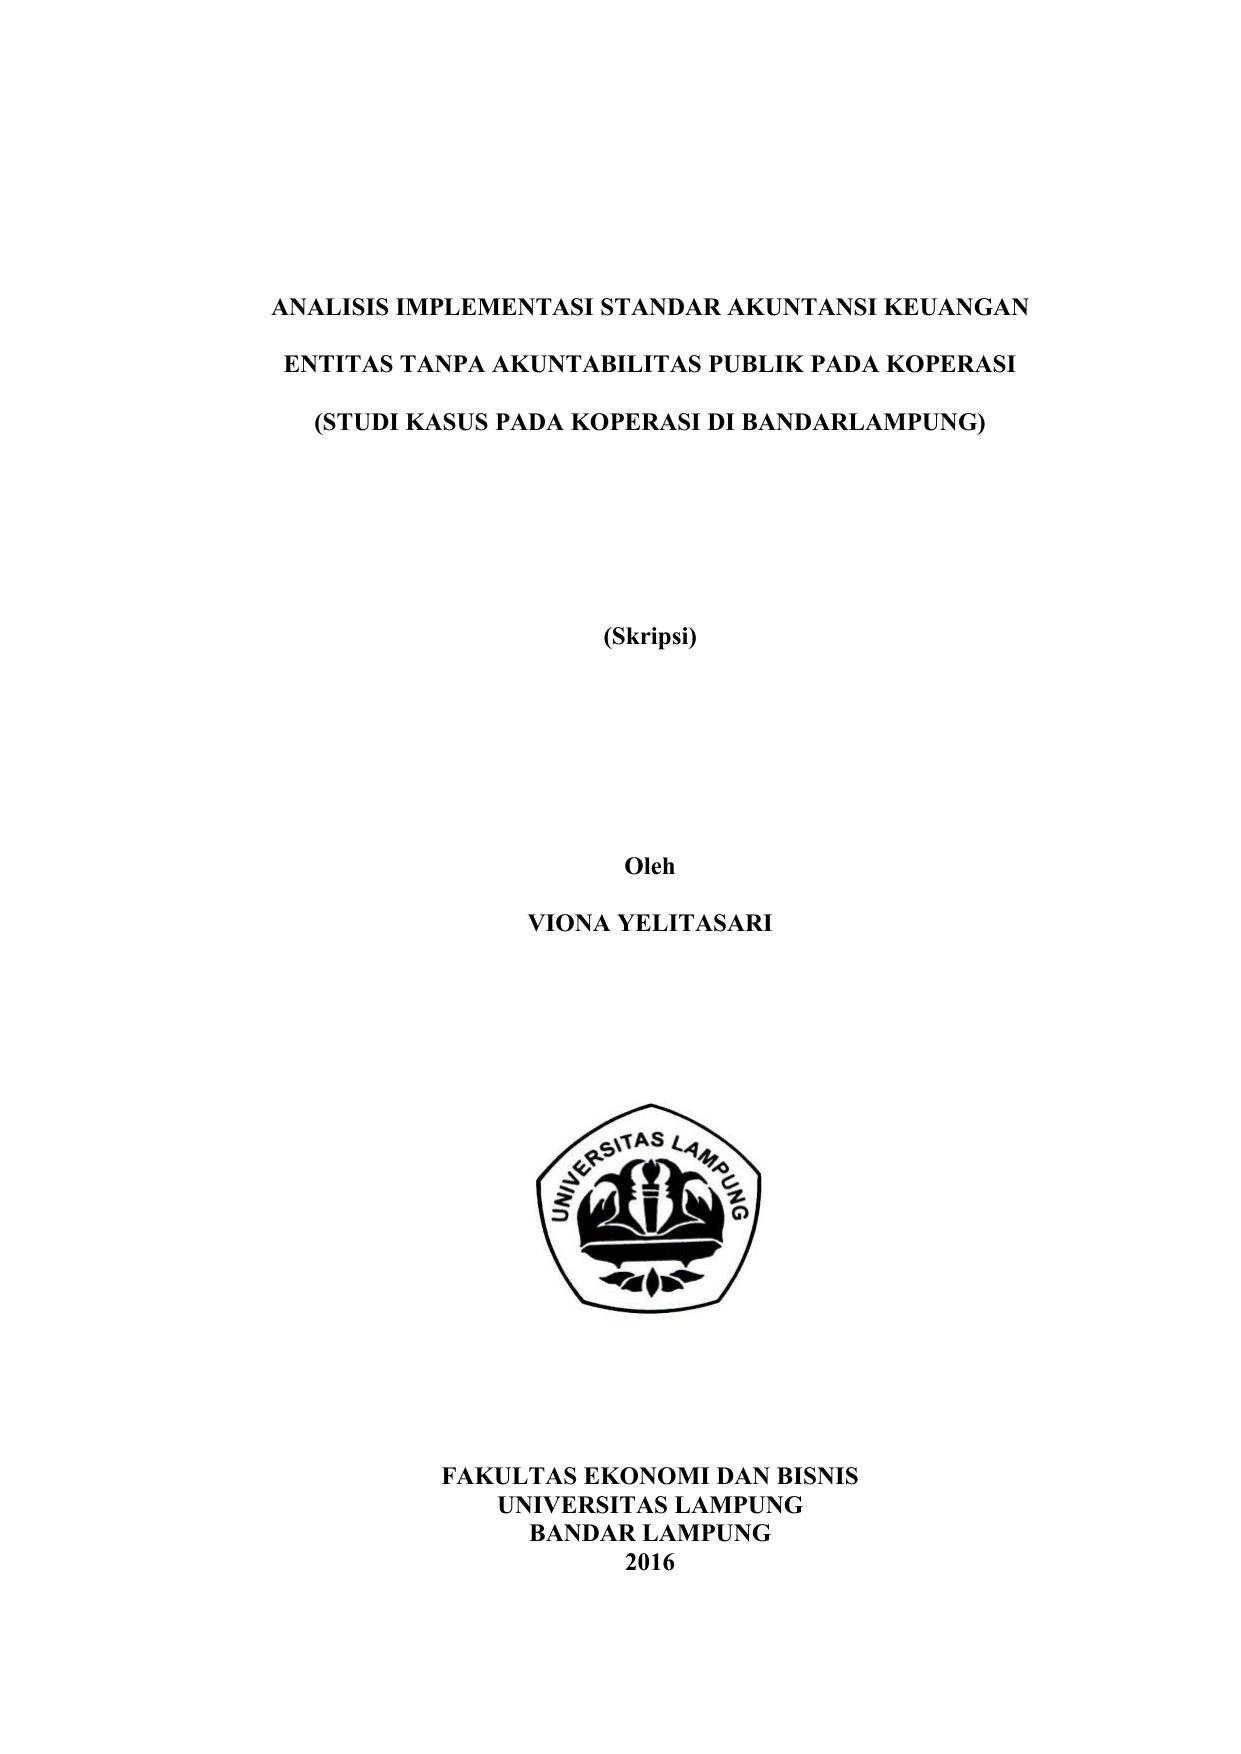 Analisis Implementasi Standar Akuntansi Keuangan Entitas Tanpa